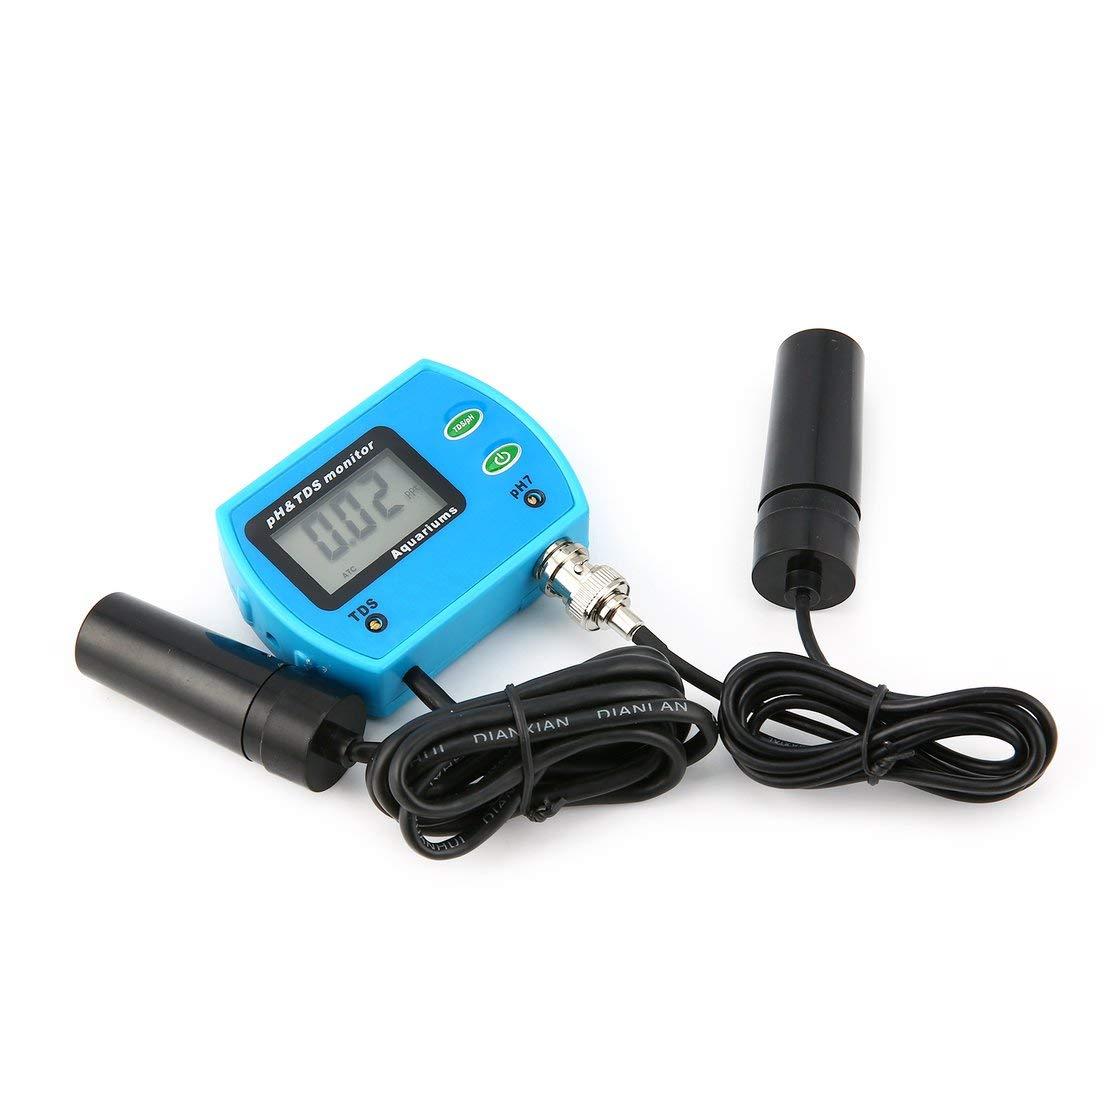 2 EN 1 de Pureza Portátil PH TDS Meter Digital Water Tester Analyzer Tool Detector para Laboratorio de Biología Fish Tank Acuario: Amazon.es: Bricolaje y ...